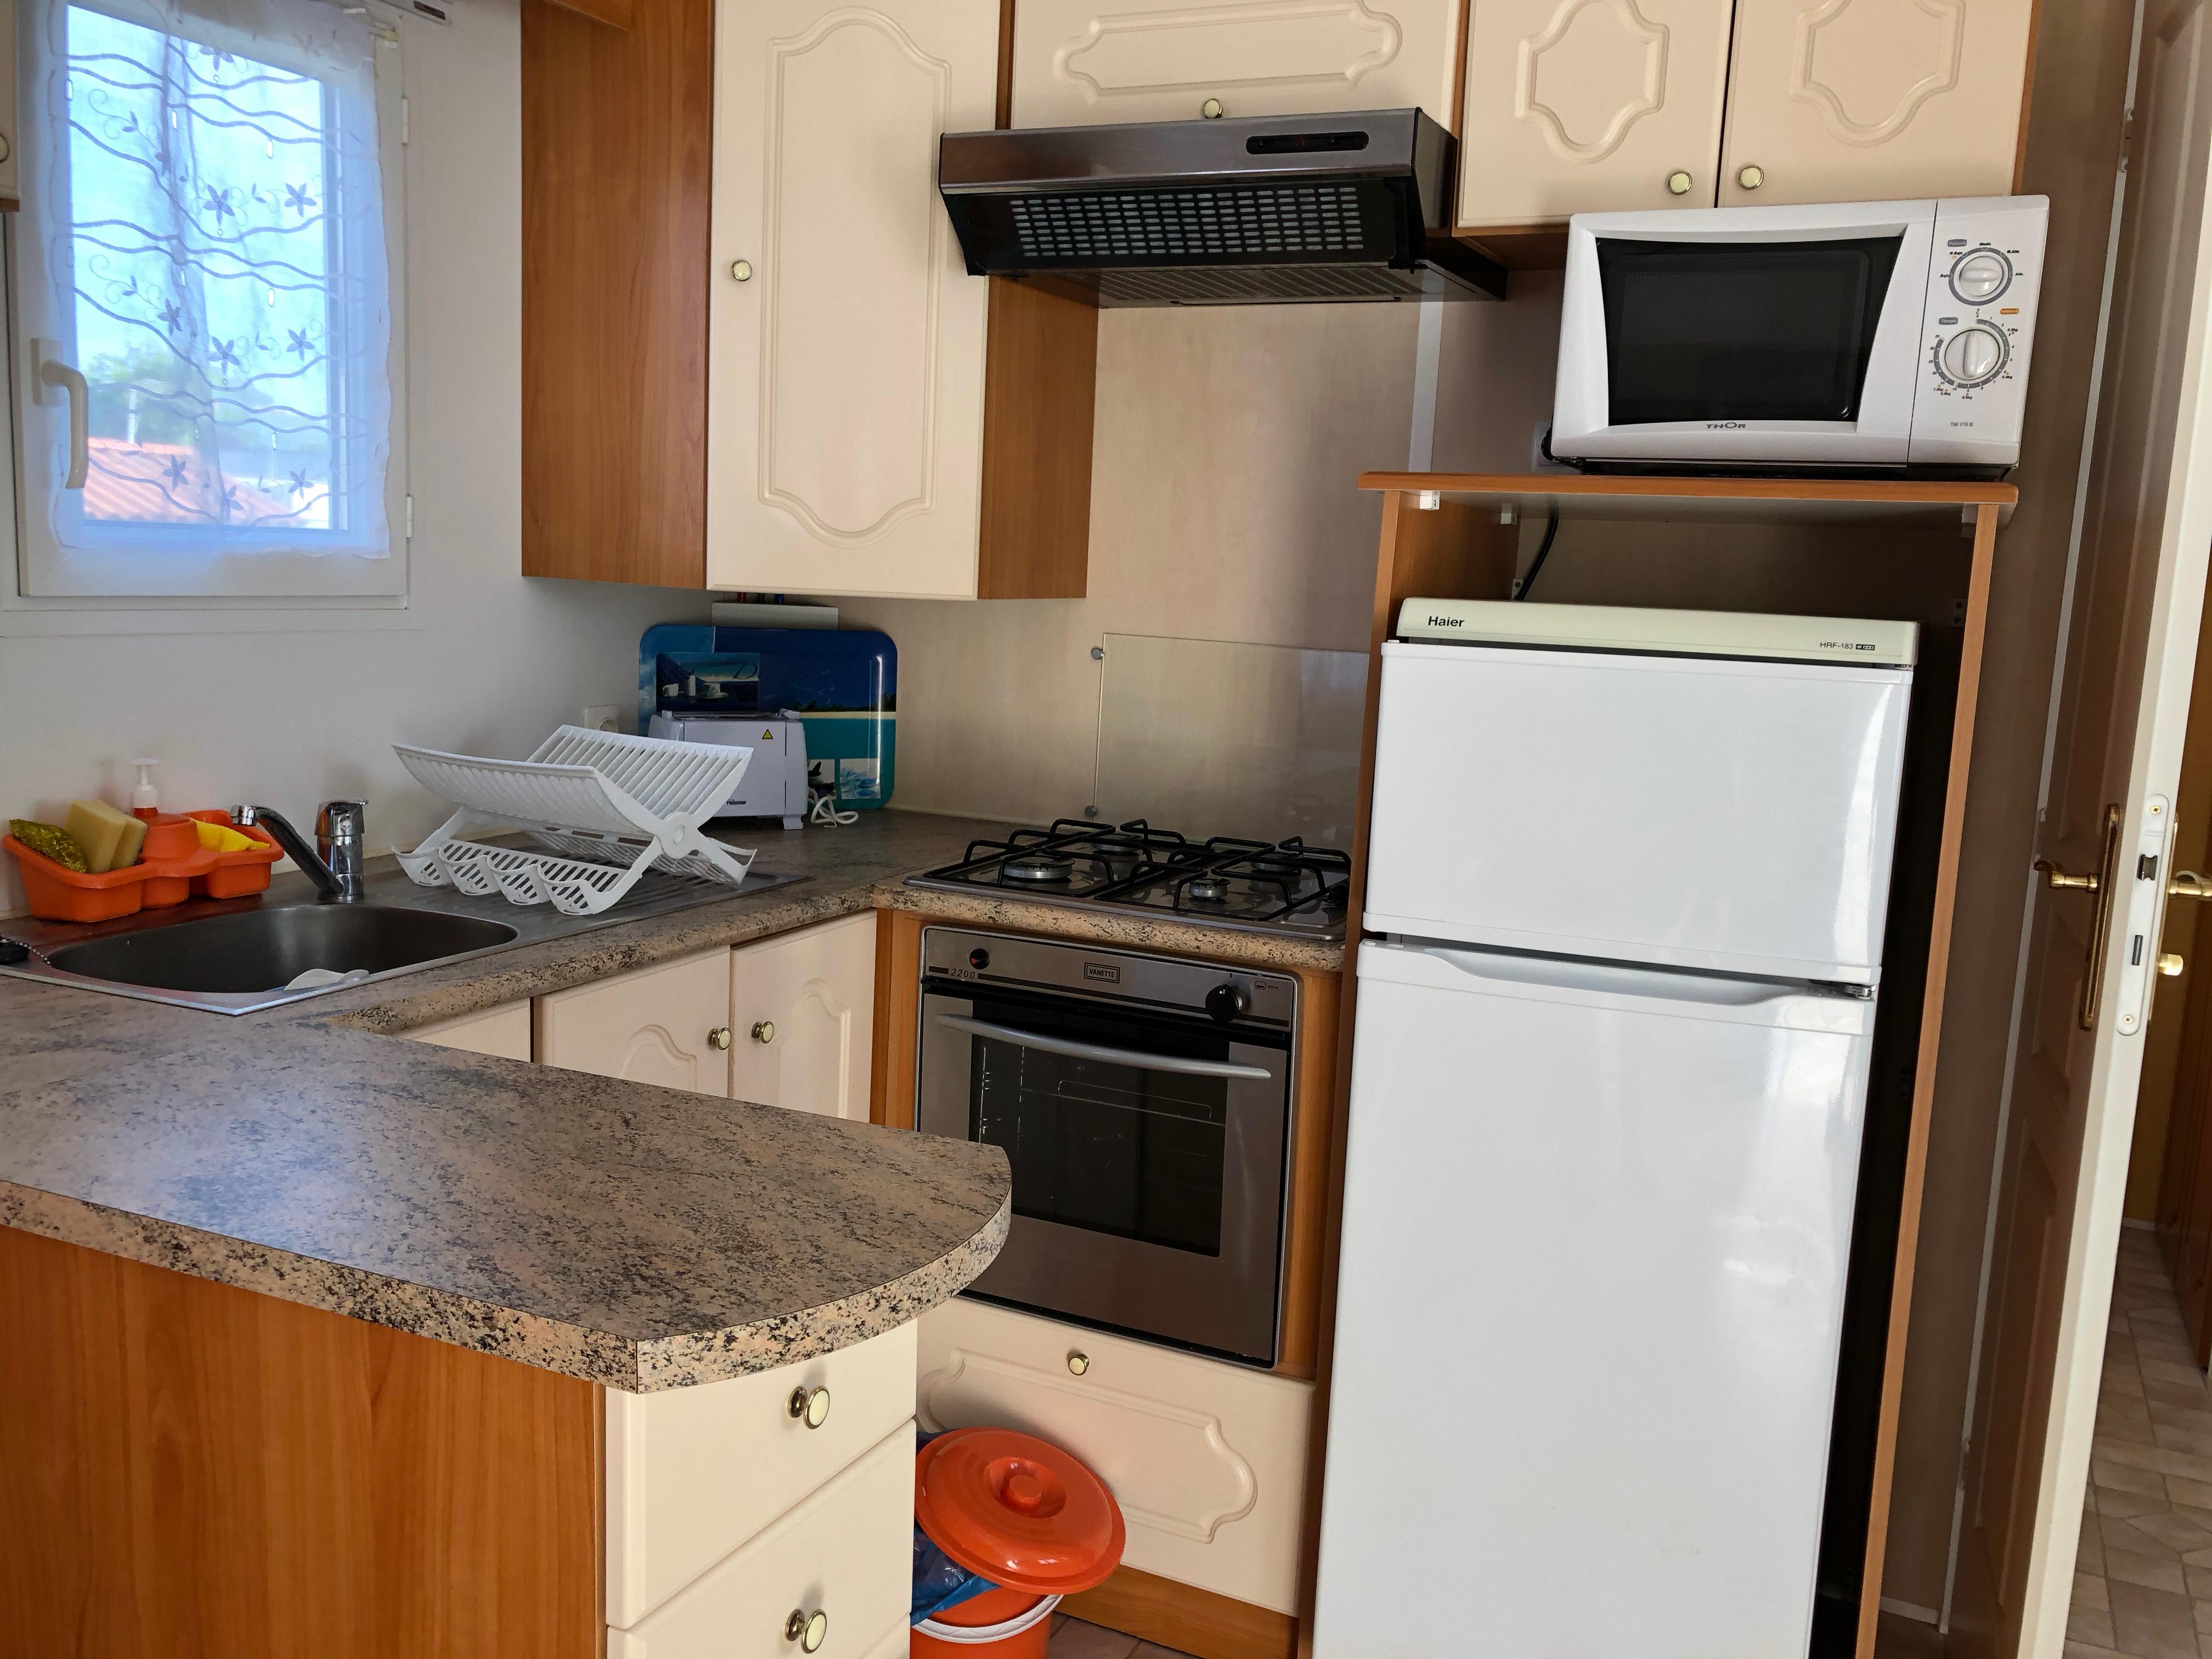 Cocina mobile home